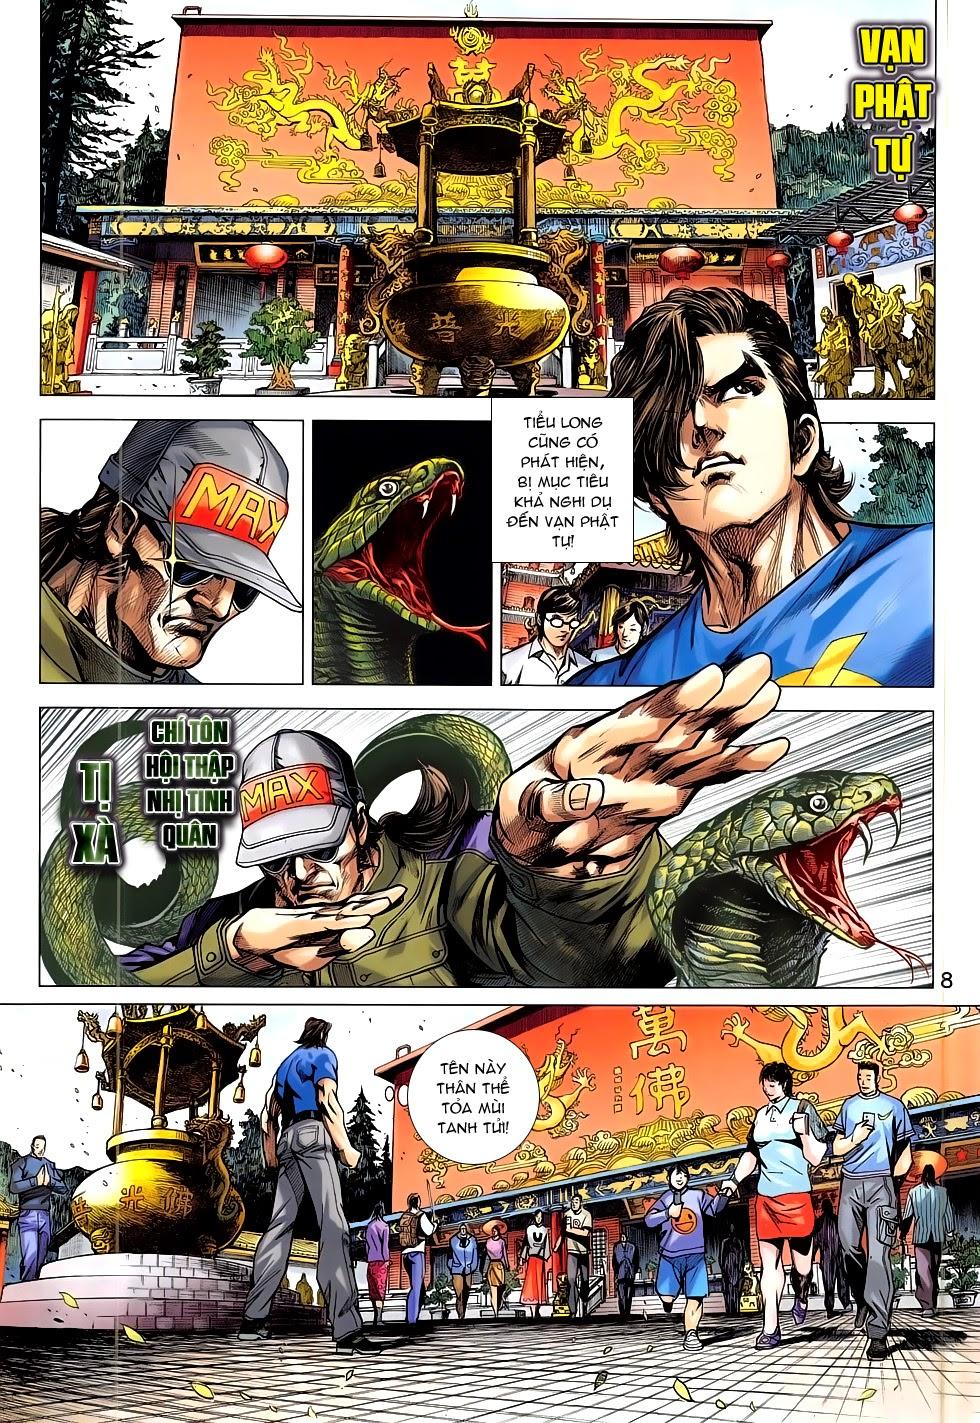 Tân Tác Long Hổ Môn chap 781 Trang 8 - Mangak.info